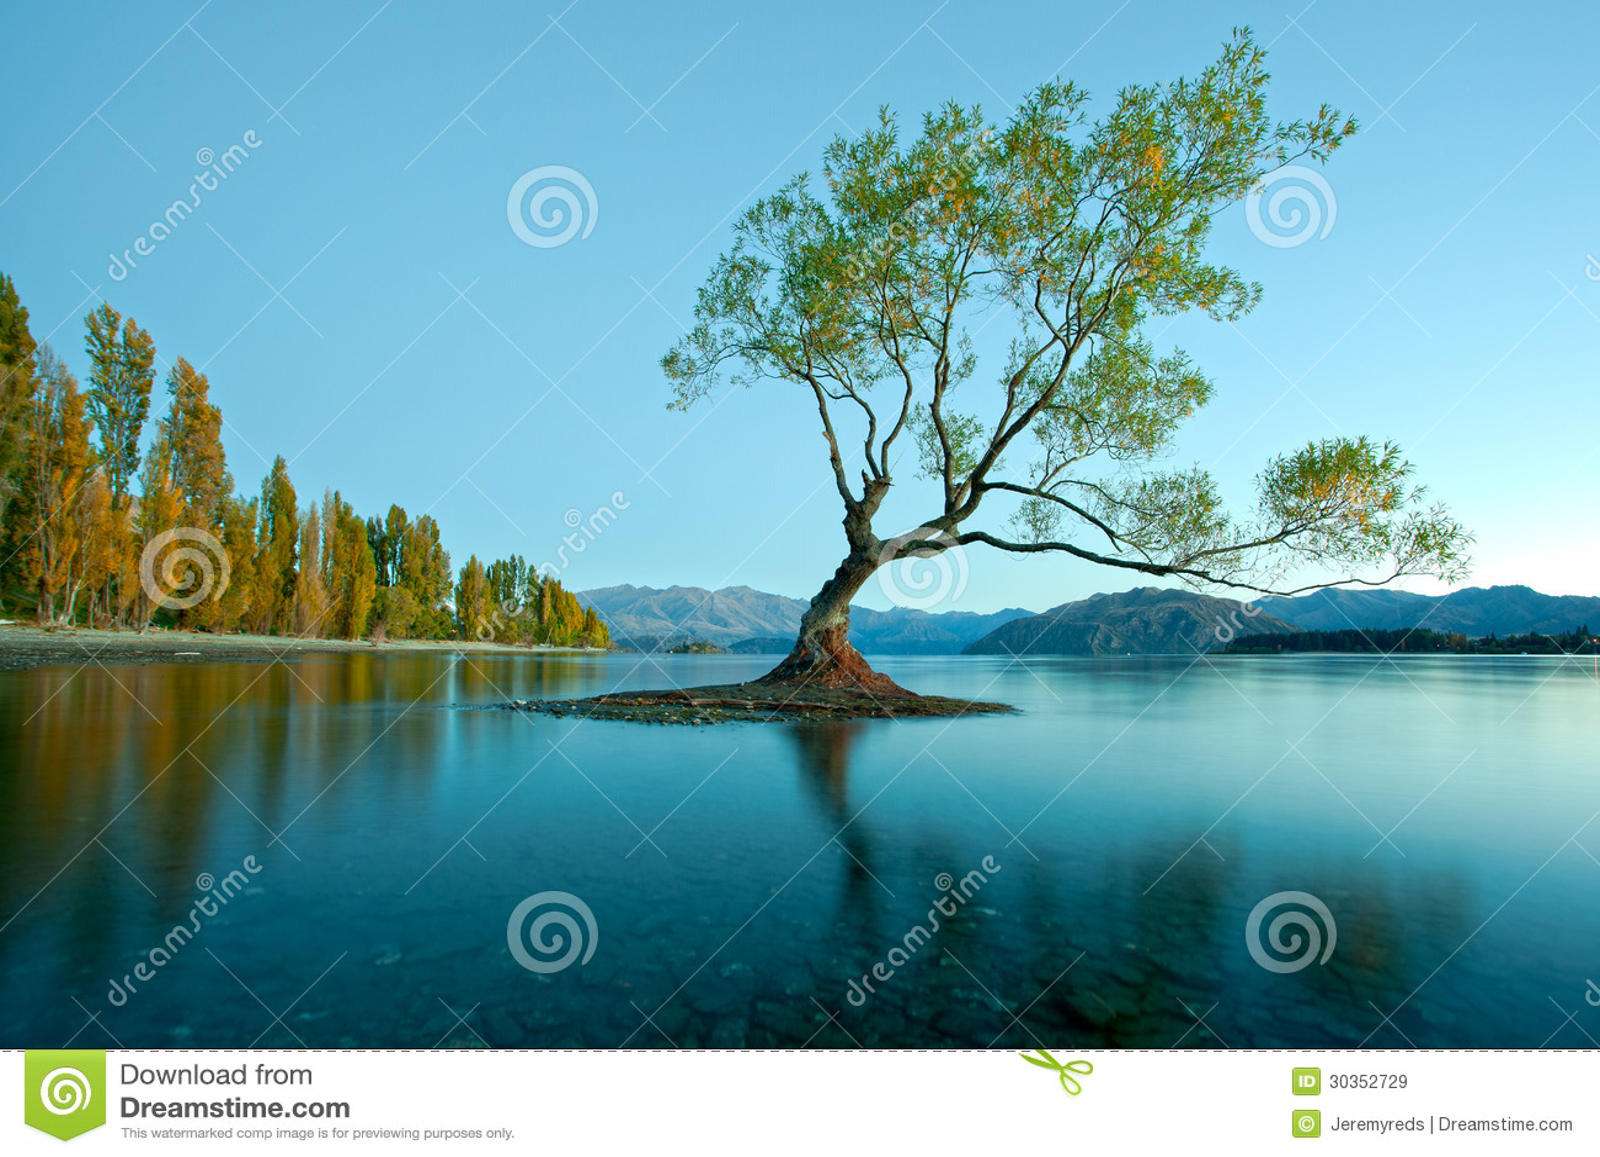 New Zealand Time Image: Lake Wanaka, New Zealand Stock Image. Image Of Bright